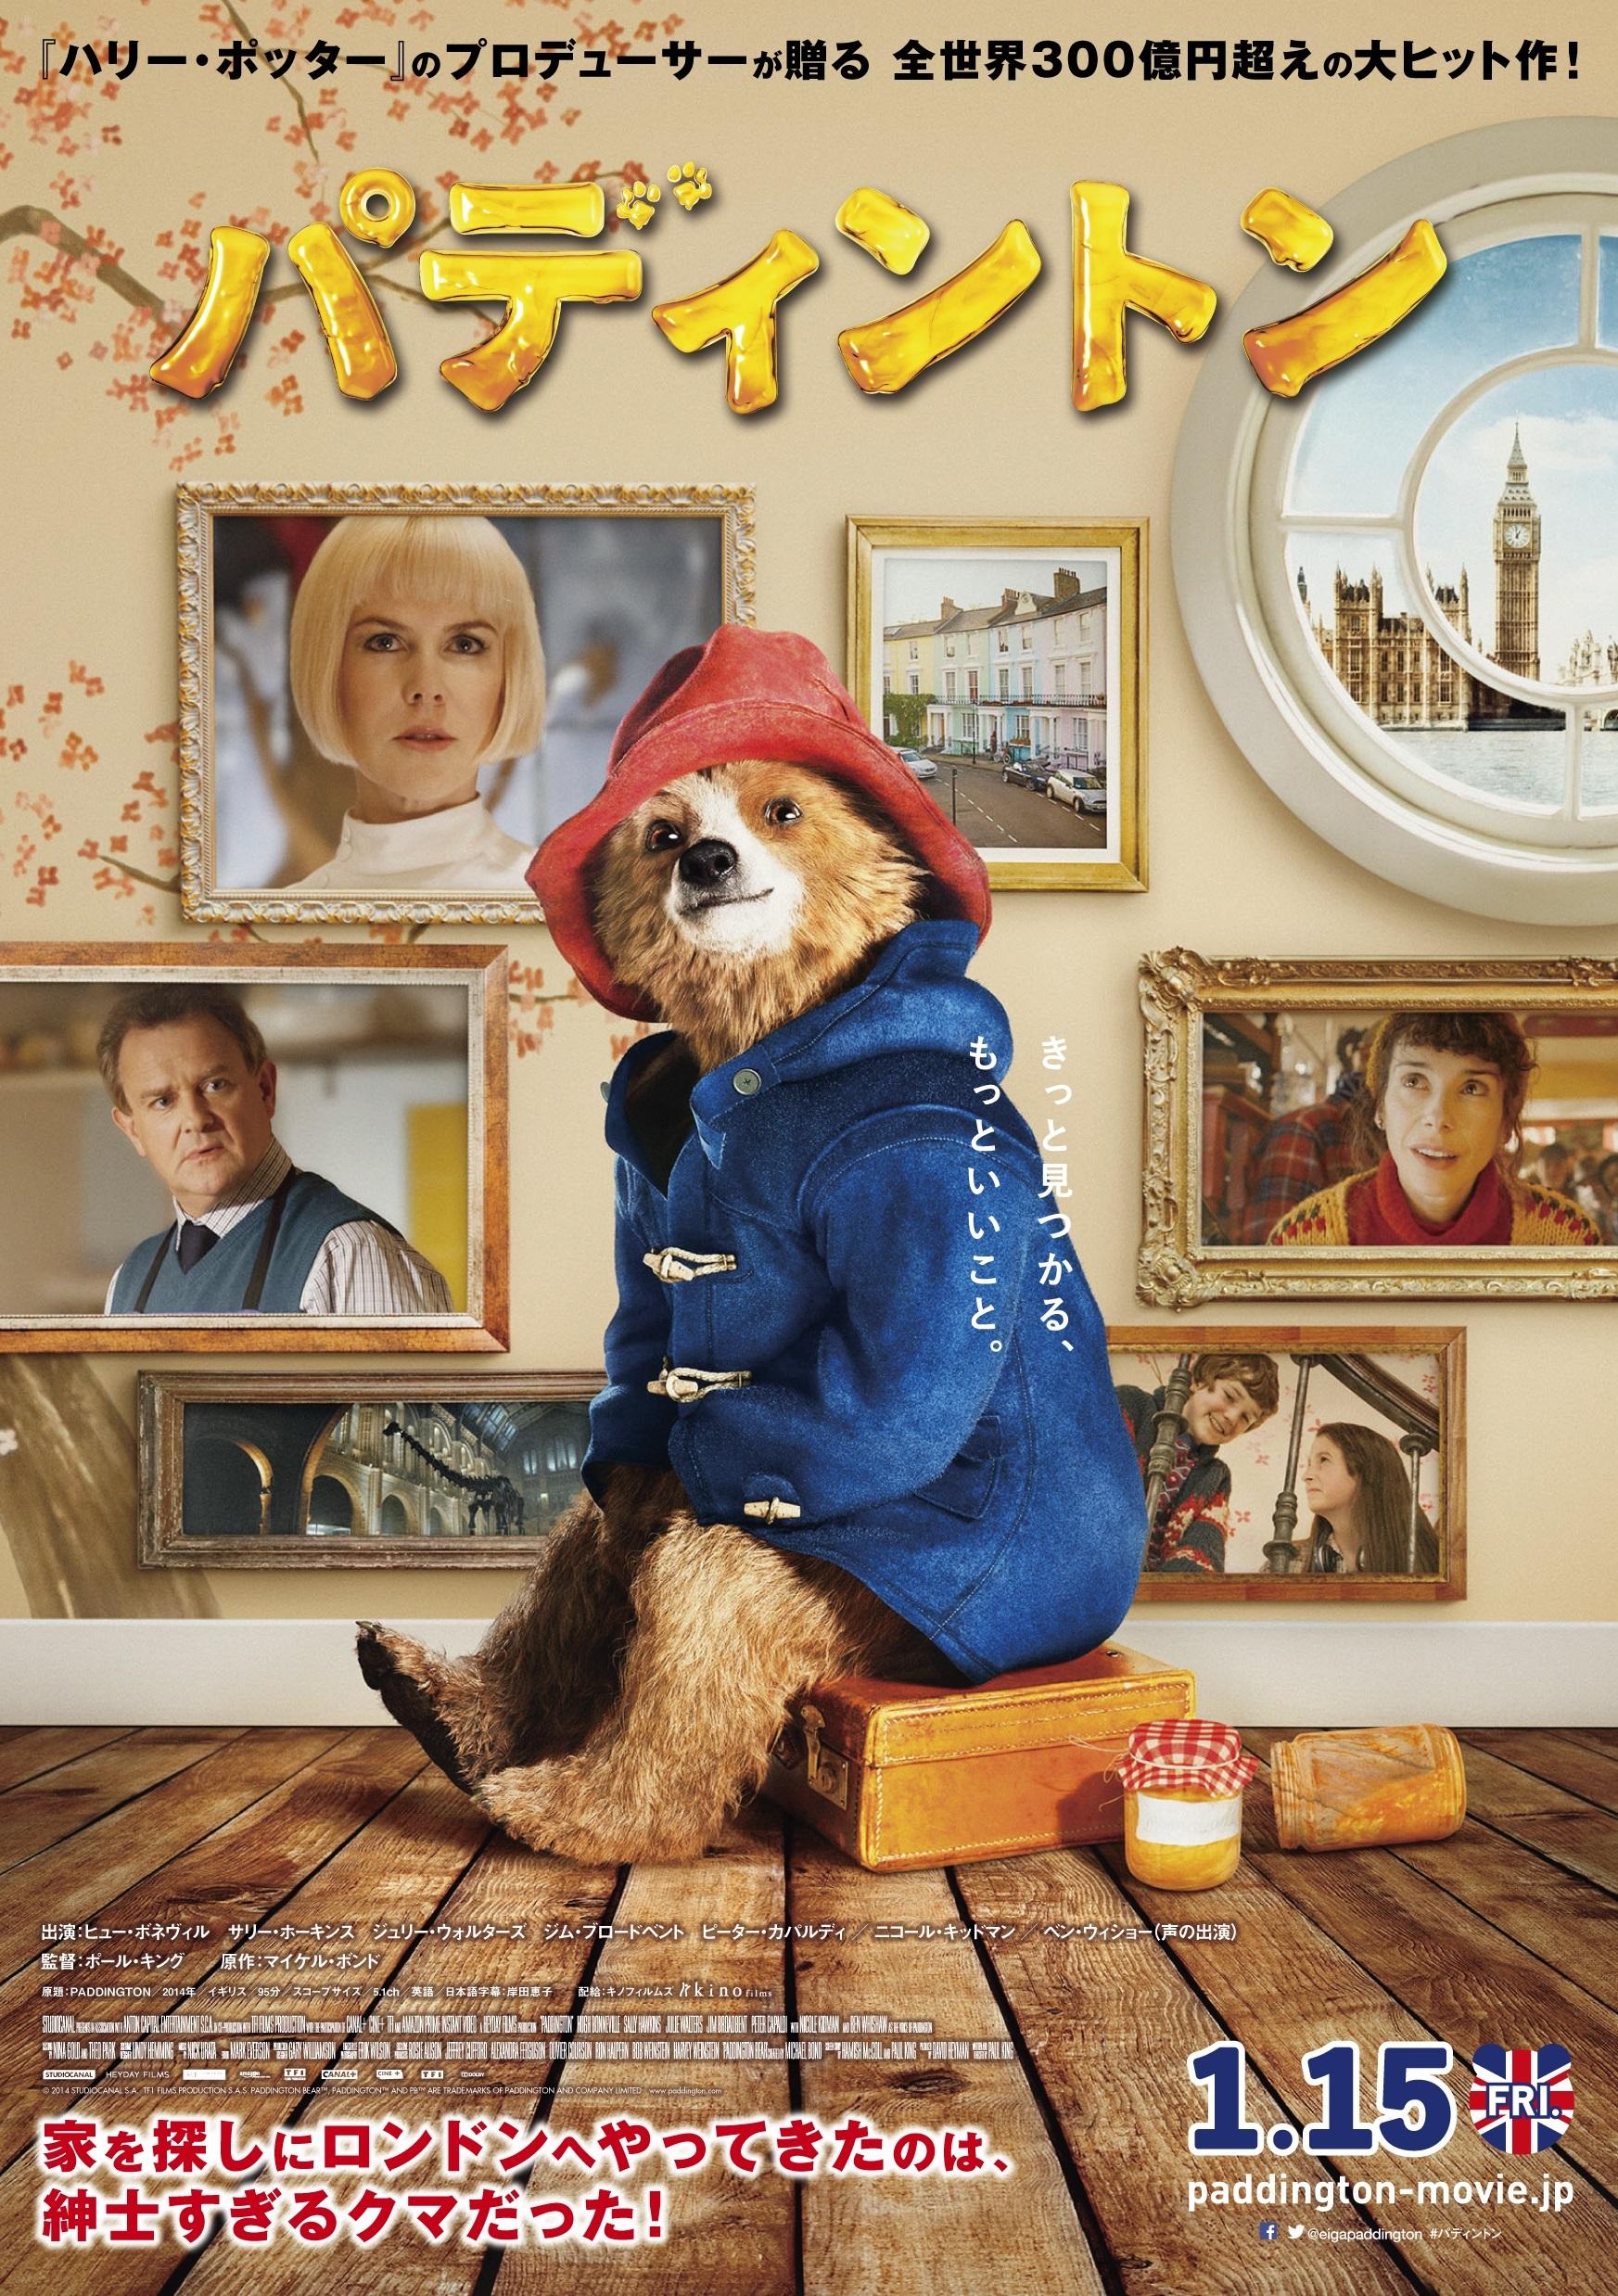 (C)2014 STUDIOCANAL S.A.  TF1 FILMS PRODUCTION S.A.S Paddington Bear™,